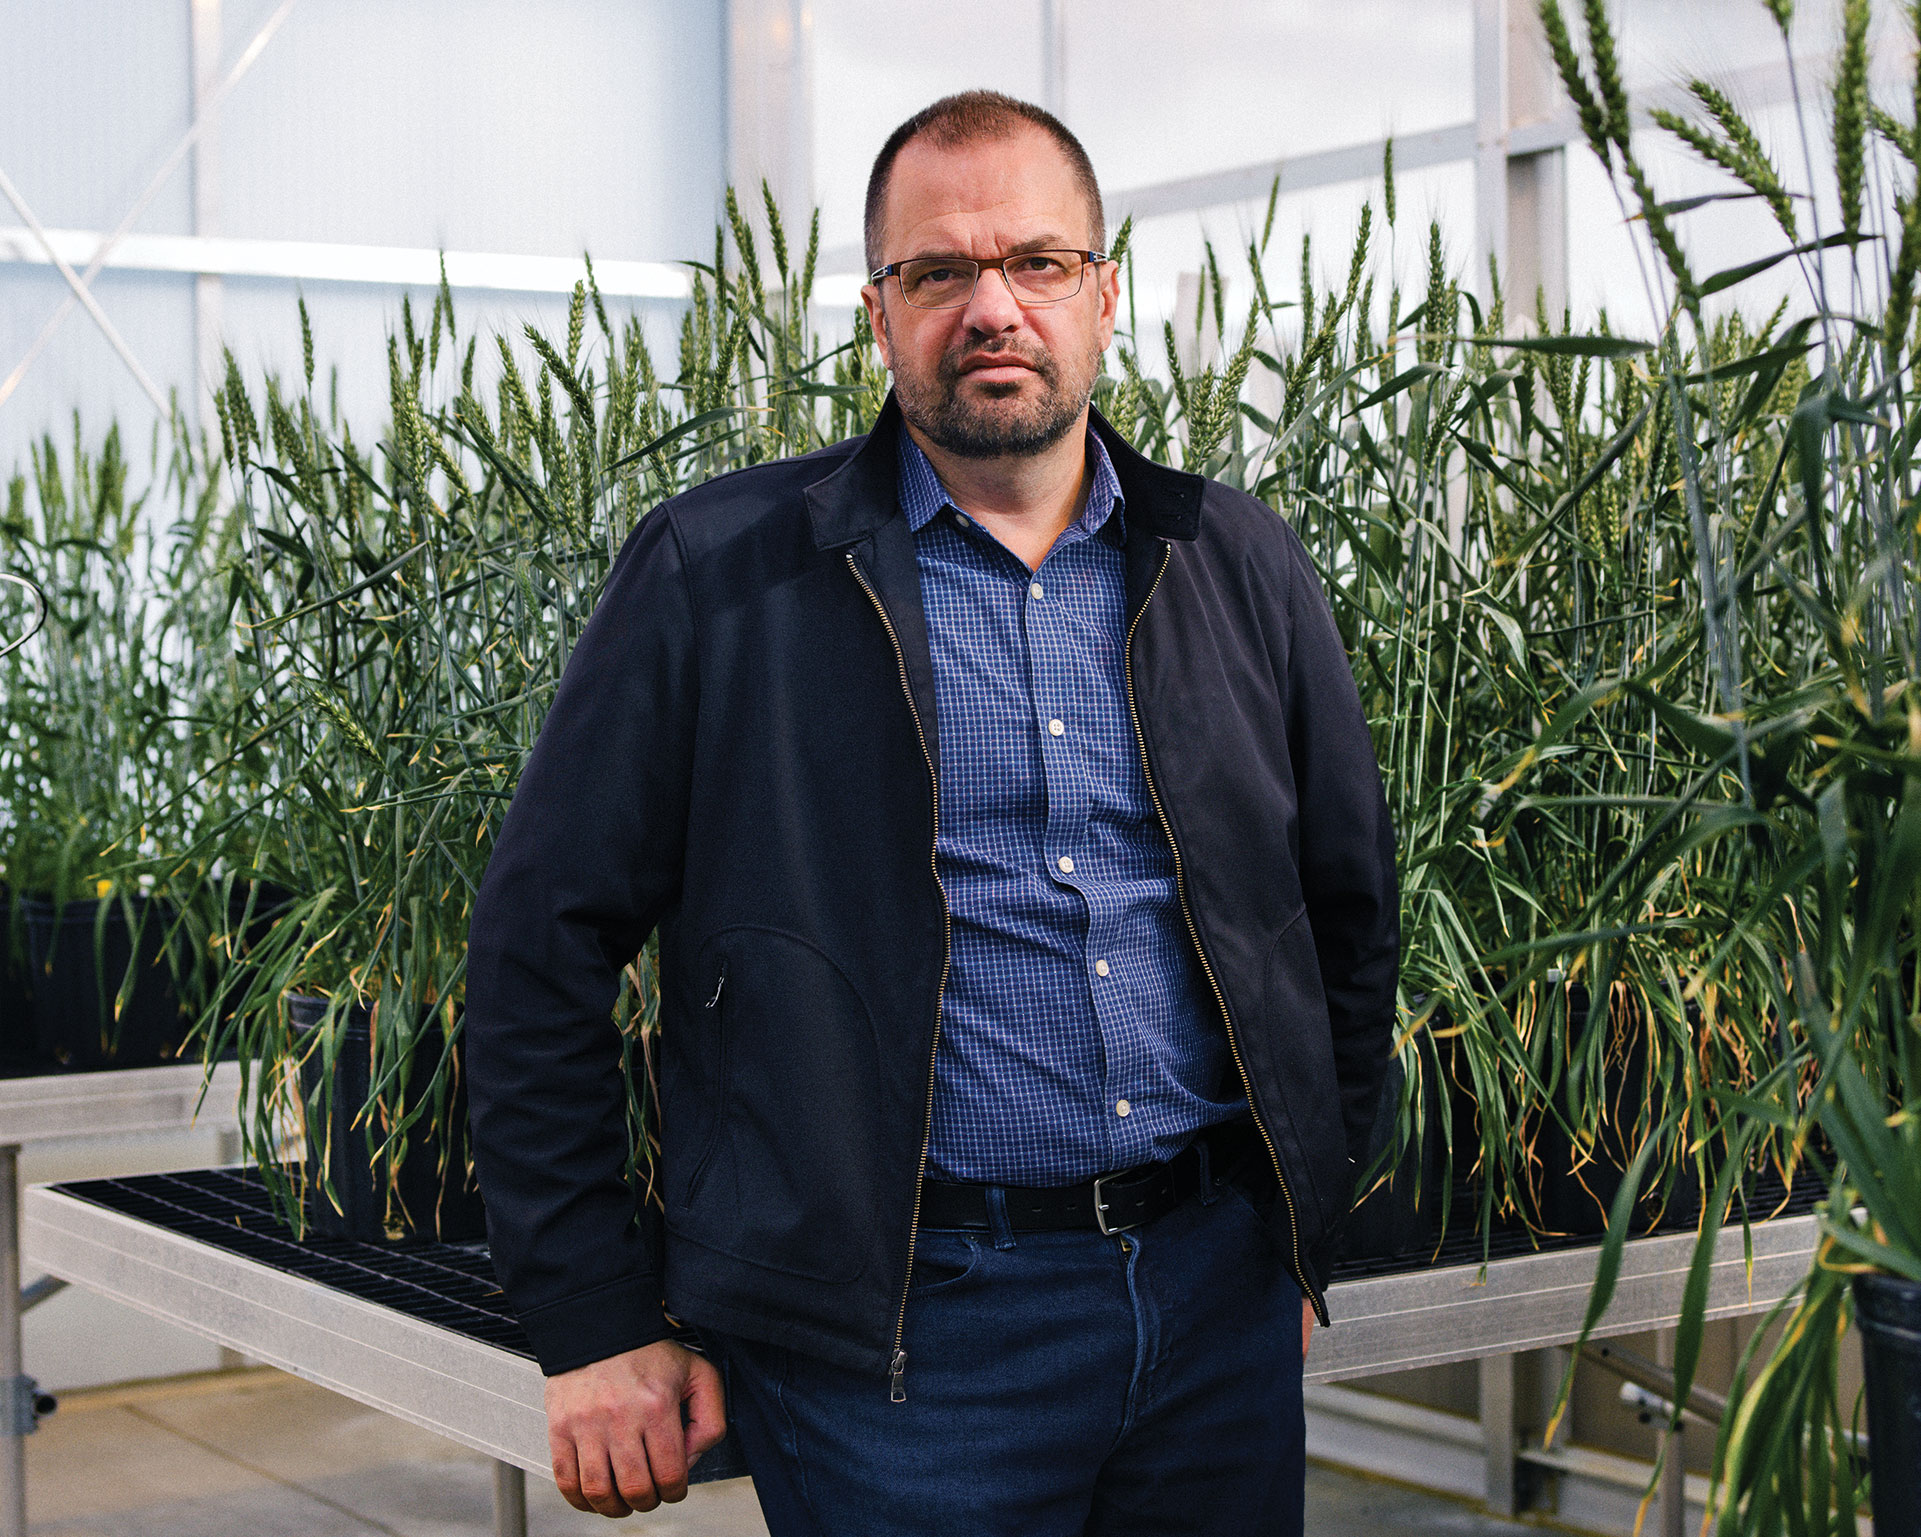 """El genetista Dan Voytas de la Universidad de Minnesota desarrolla nuevas plantas usando ingeniería genética. """"El genio está fuera de la botella"""", dice."""